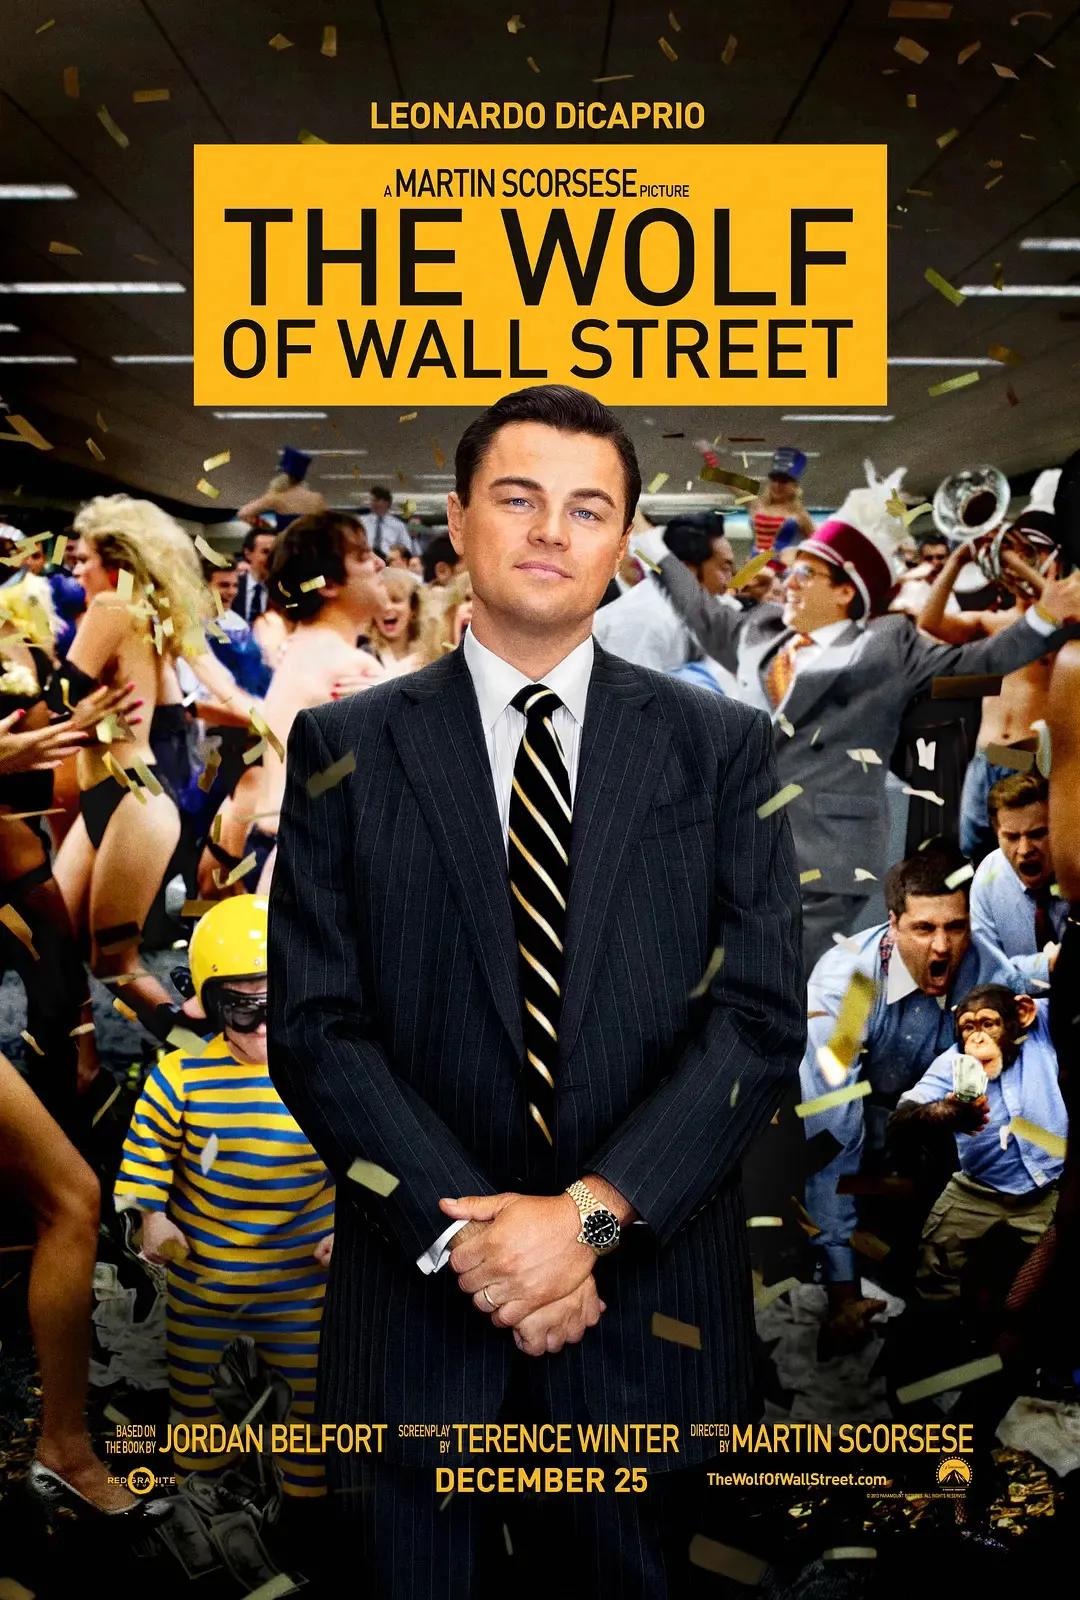 让人荷尔蒙飙升的电影,钱色欲望的迷途,《华尔街之狼》